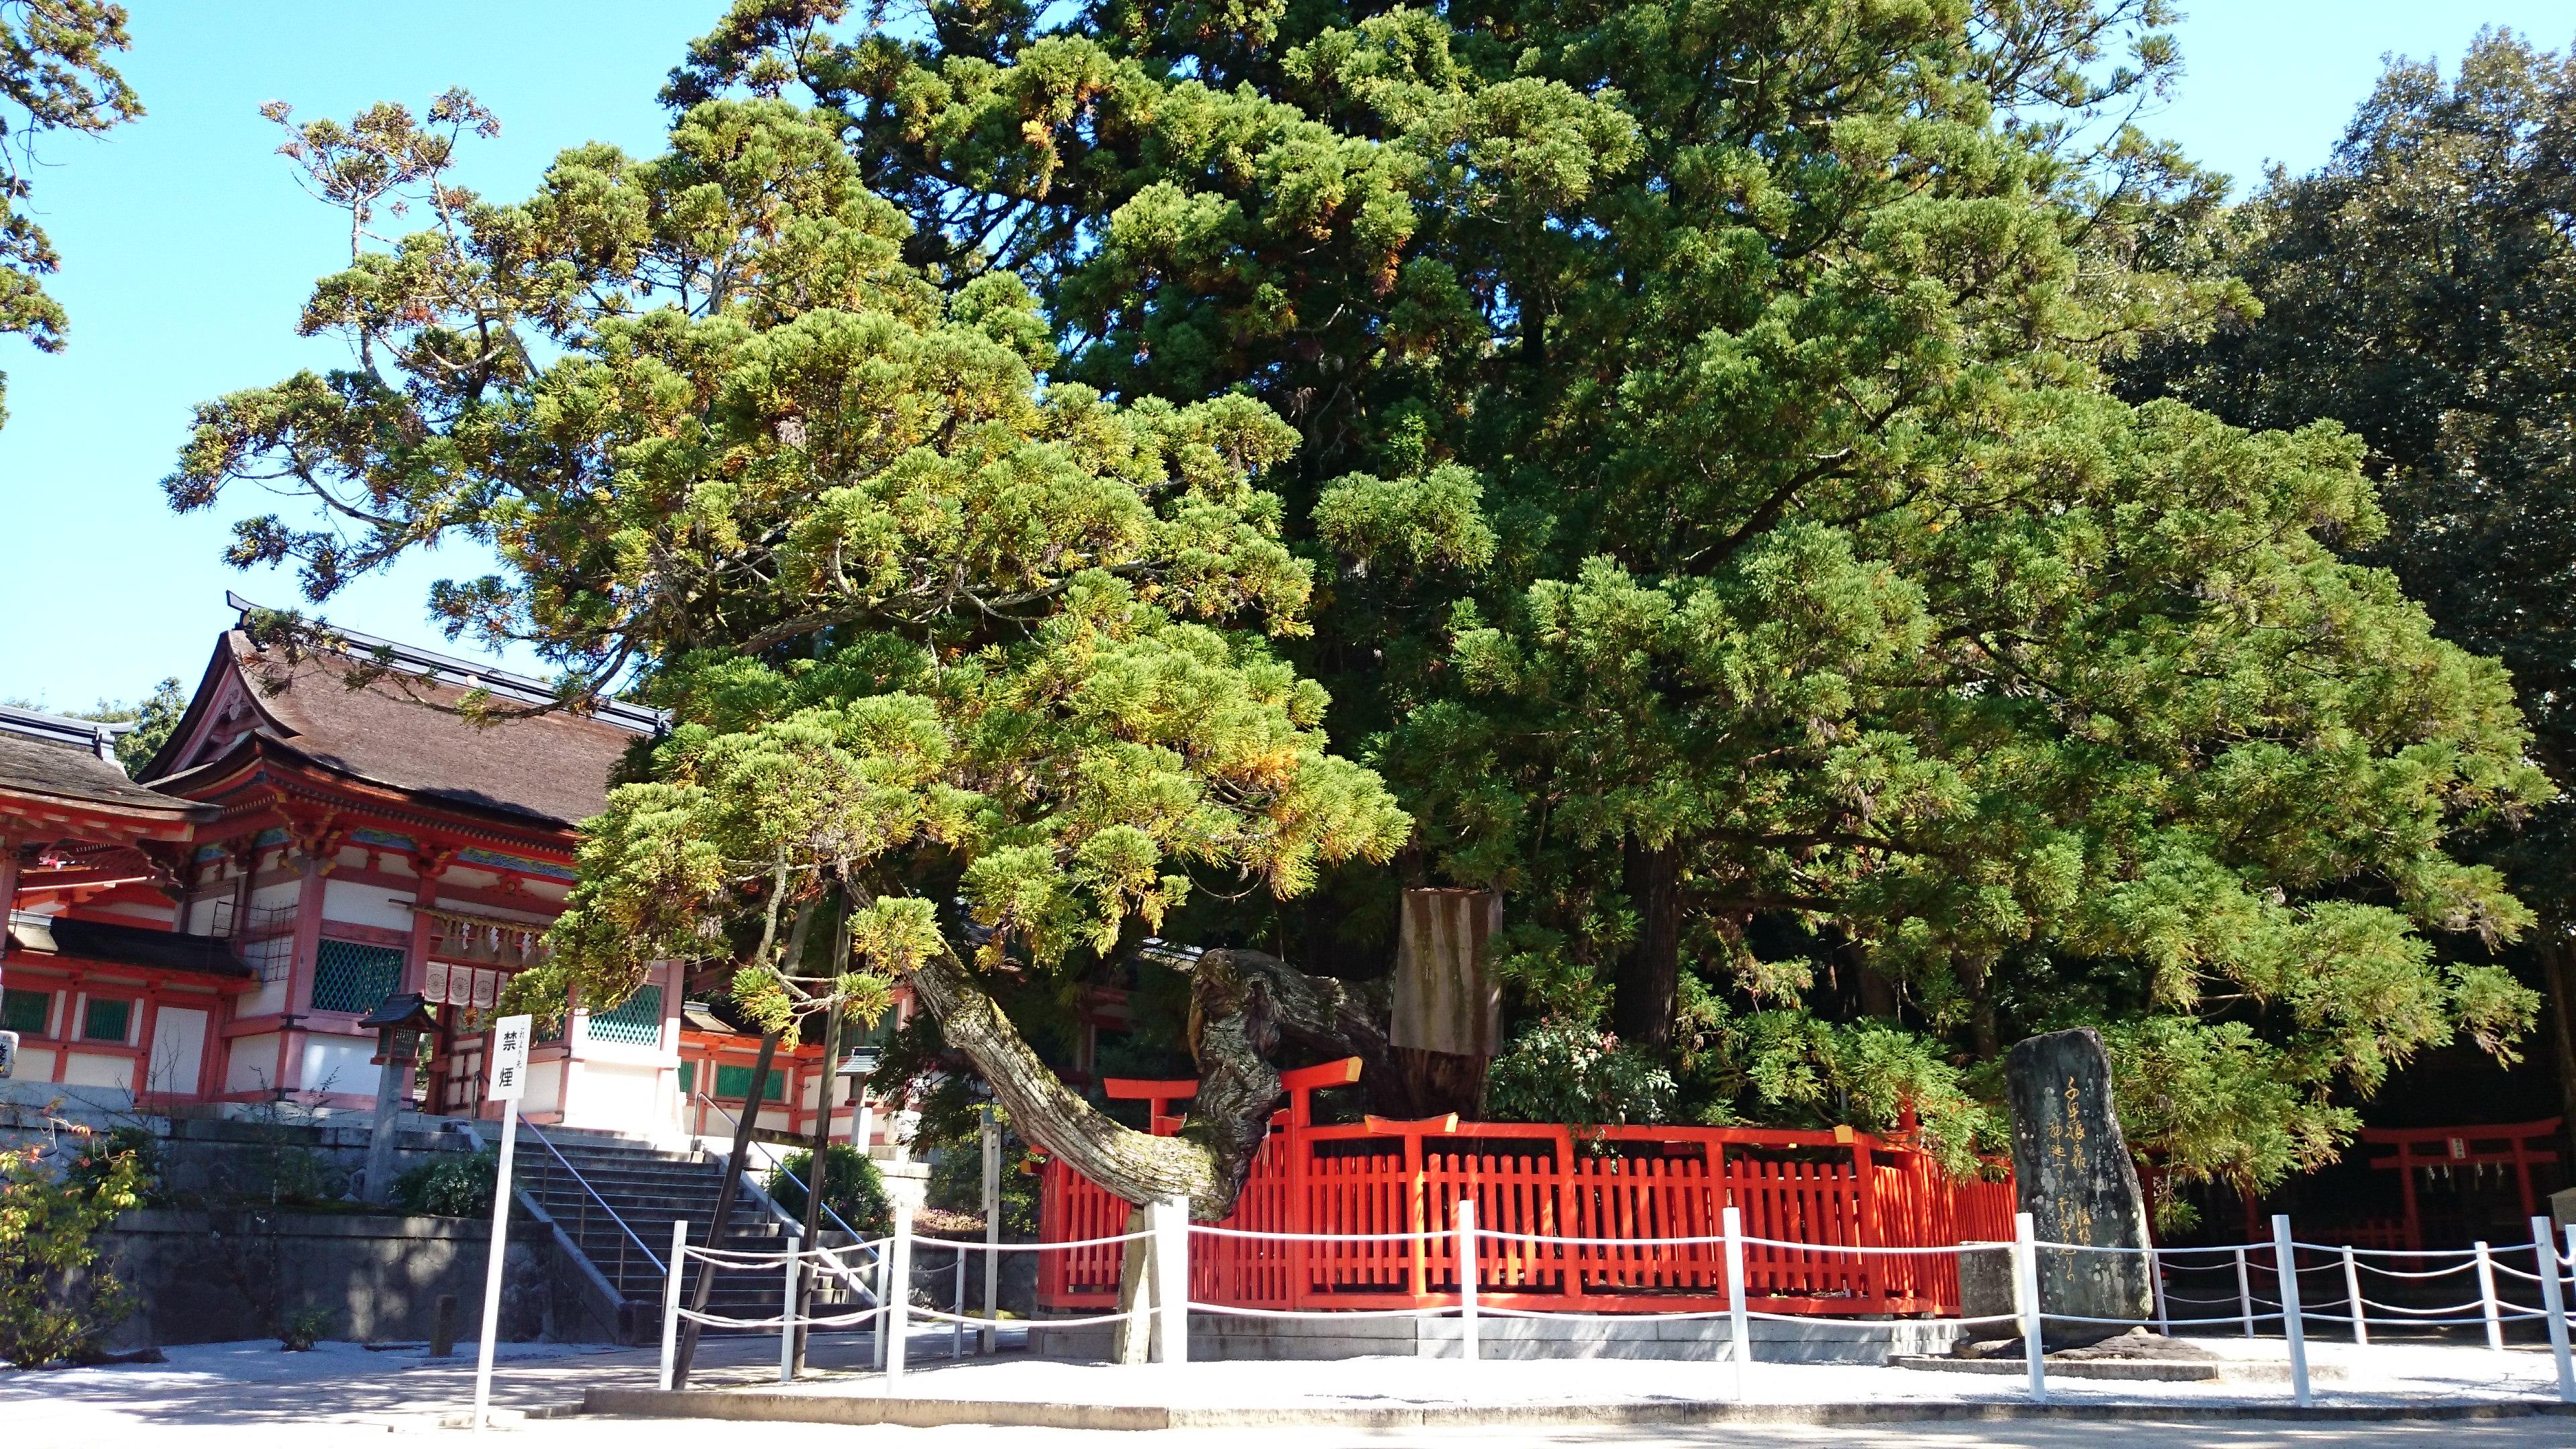 古代から続く九州の勅祭社、神功皇后ゆかりの福岡市の「香椎宮」。